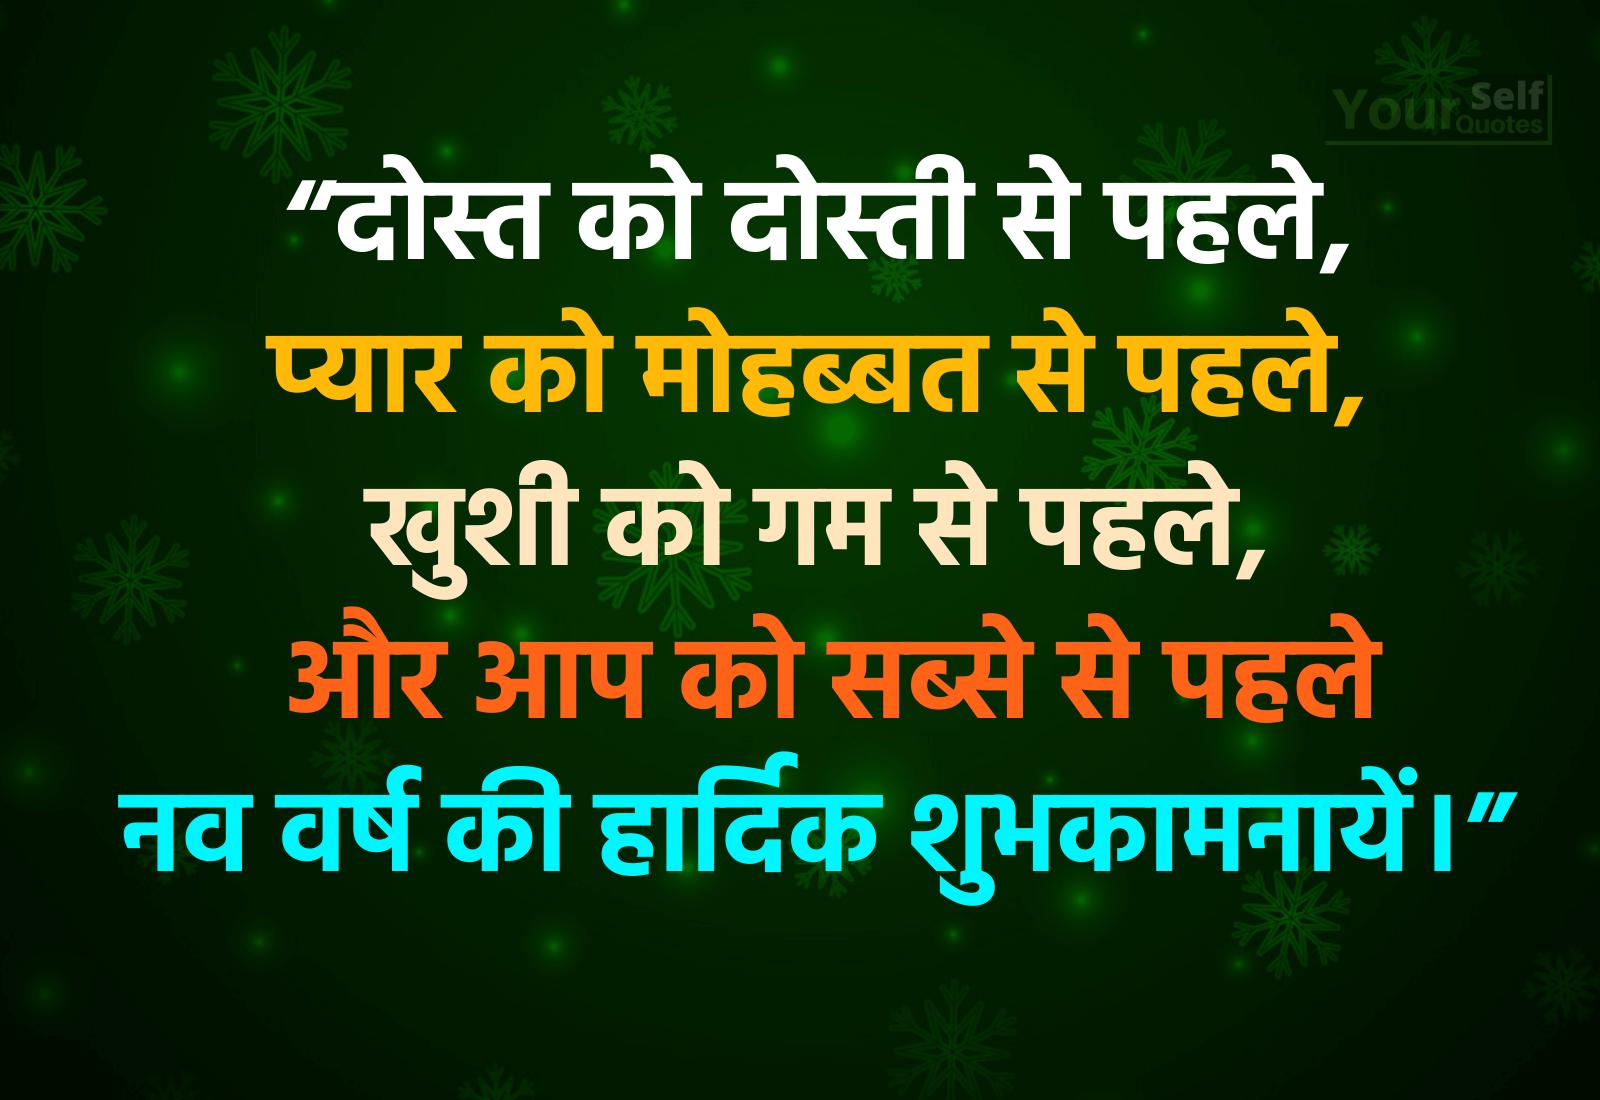 Dosti New Year Shayari